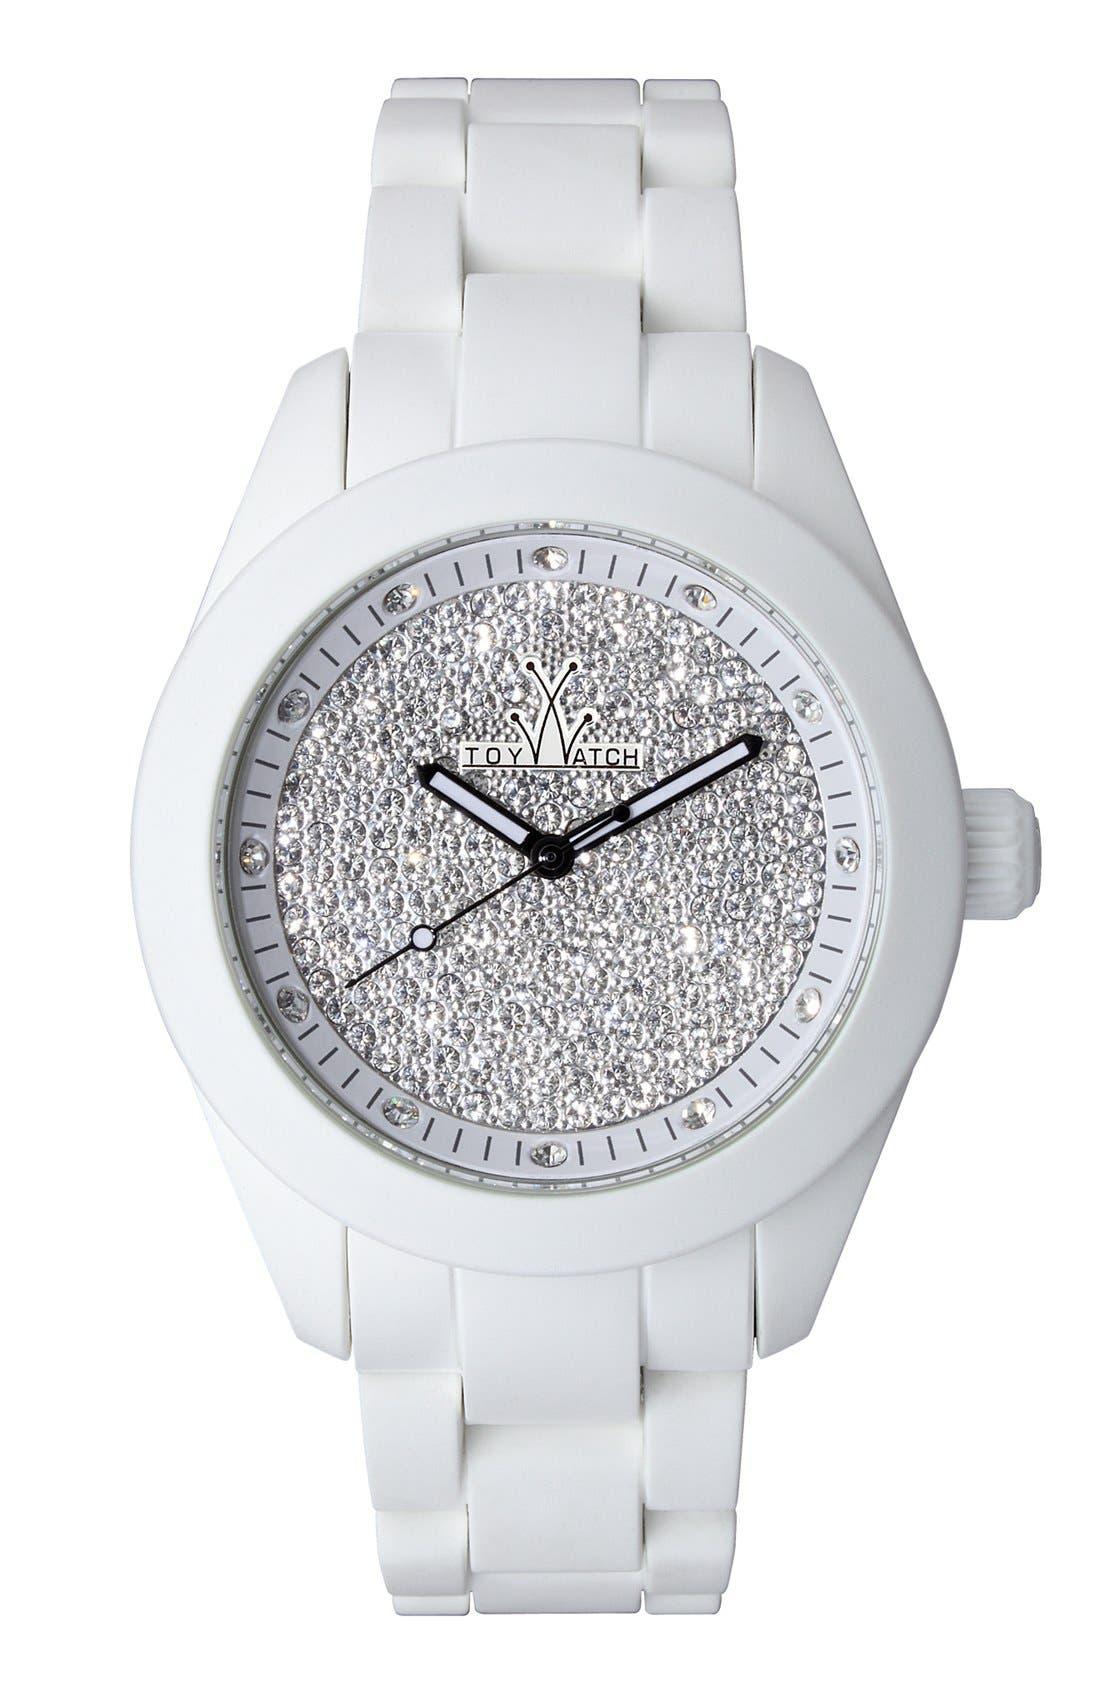 Alternate Image 1 Selected - TOYWATCH 'Velvety' Pavé Dial Bracelet Watch, 41mm